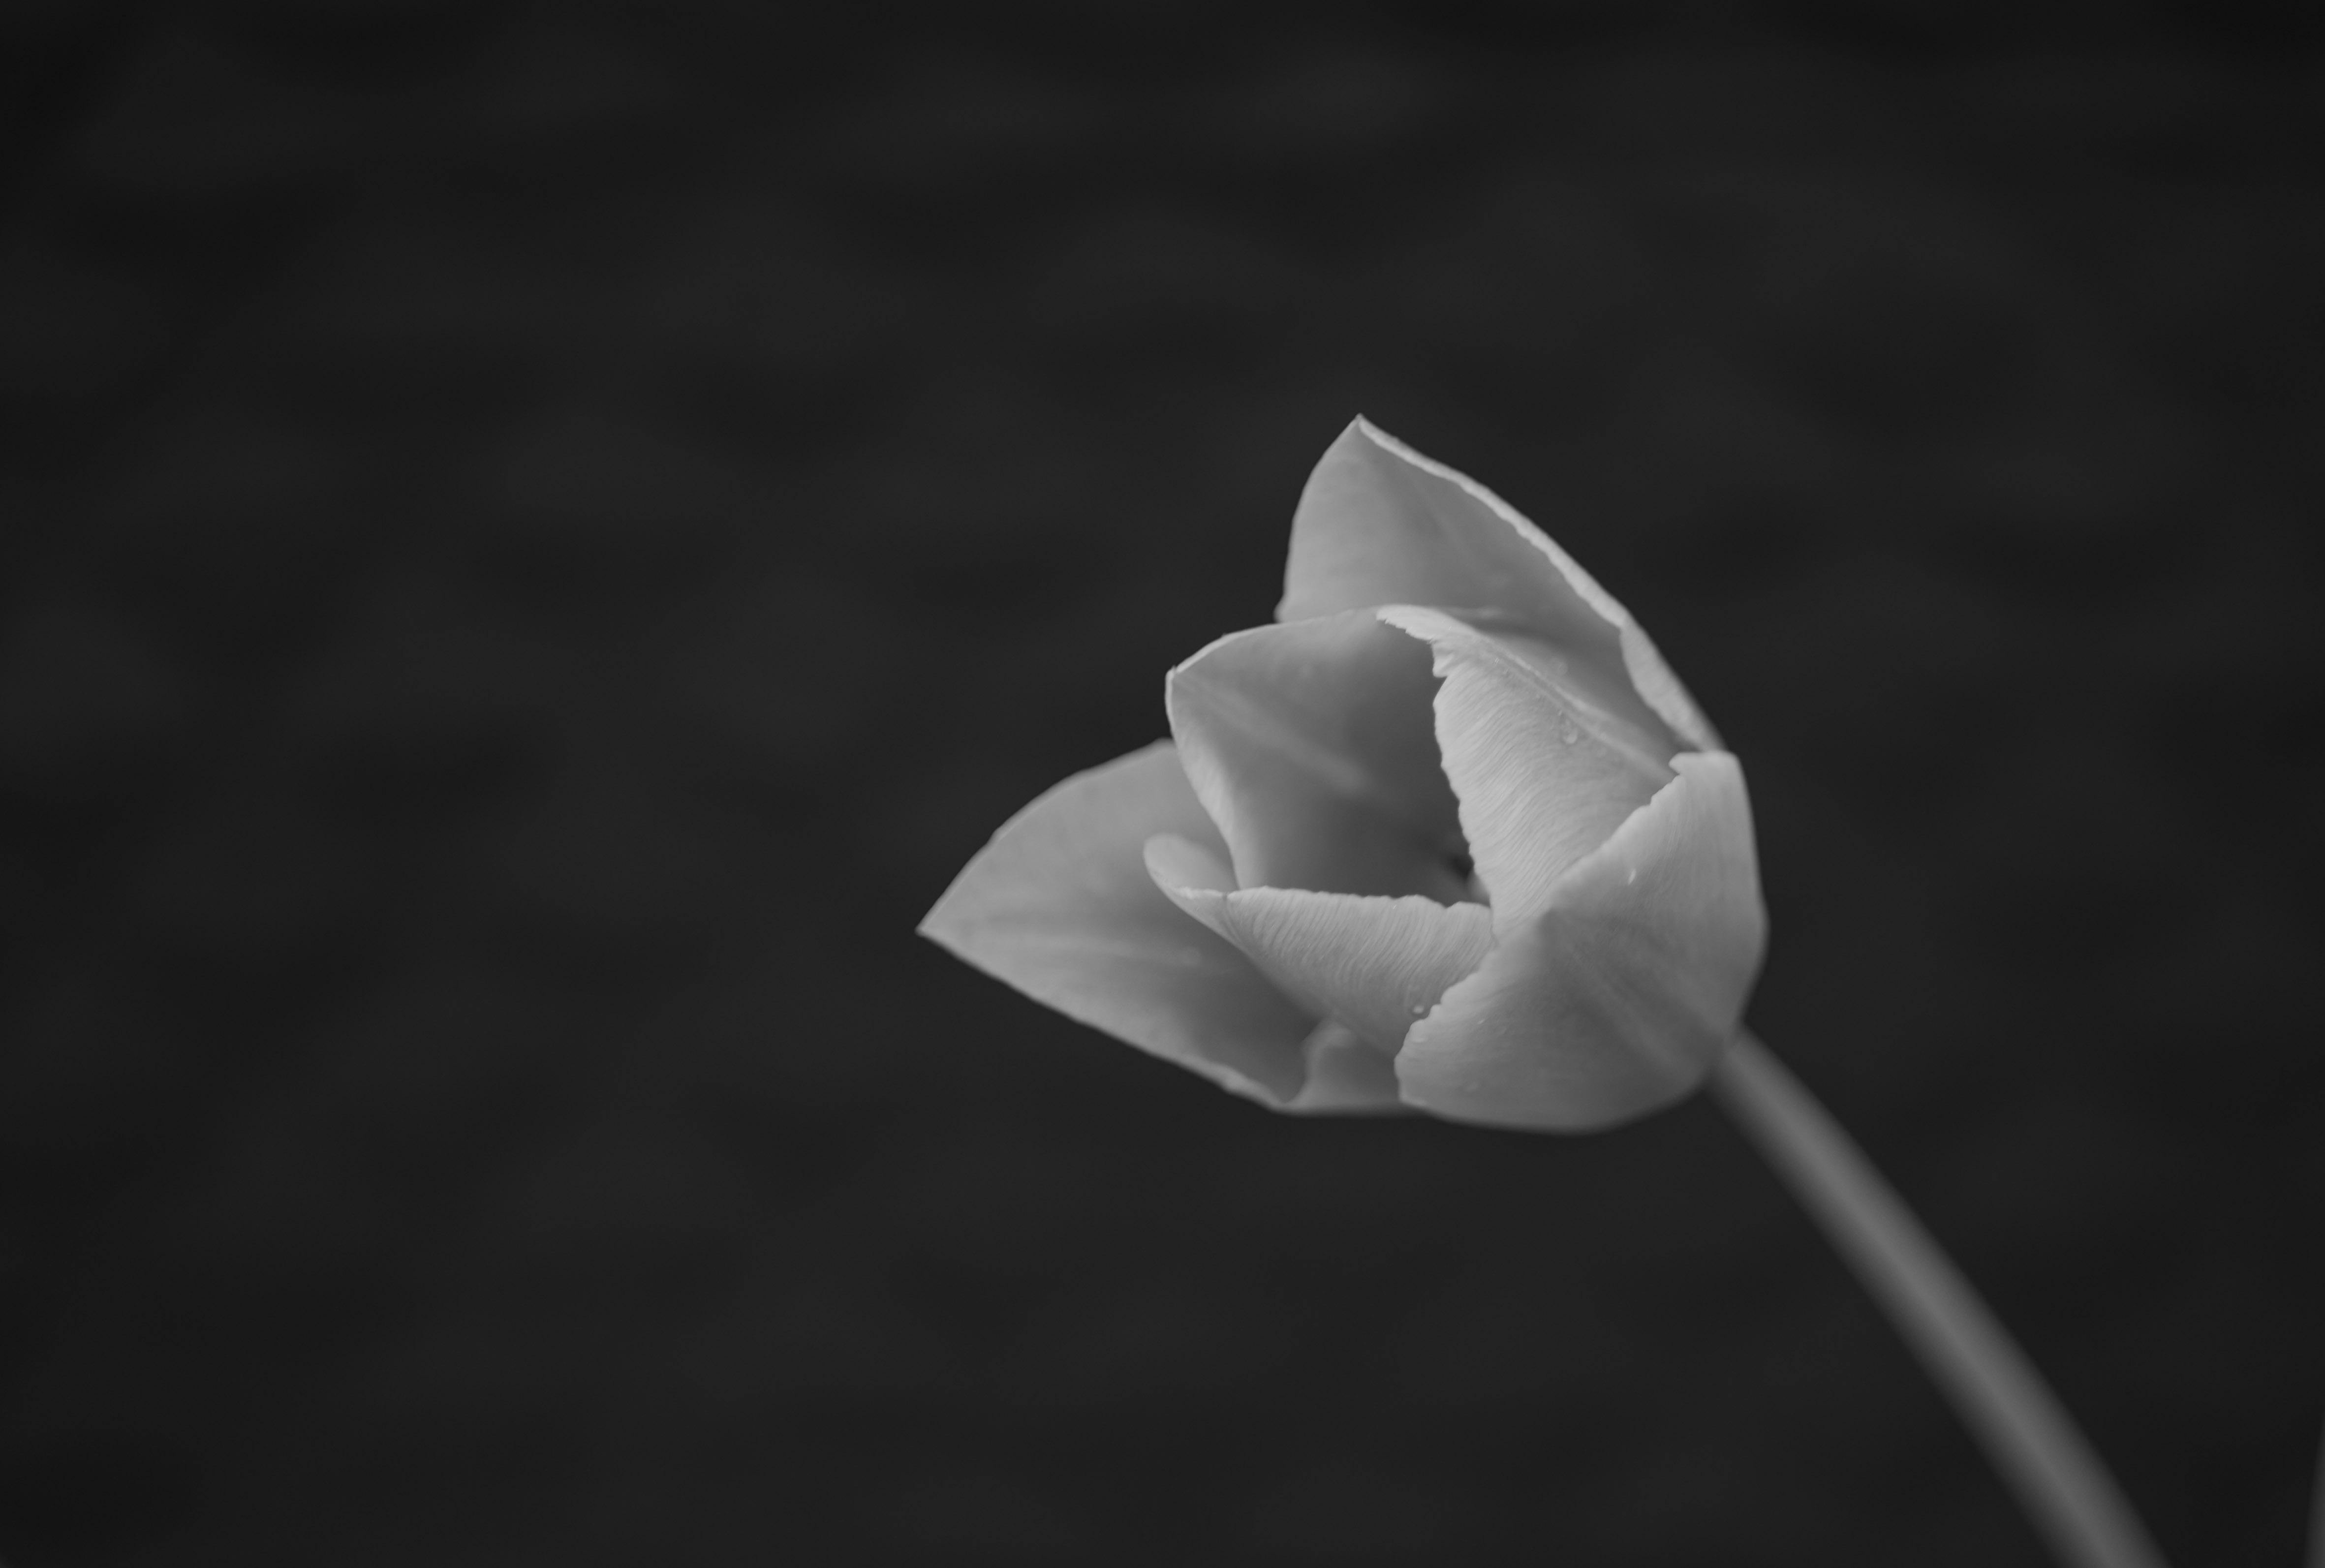 """Tulpe; Ihr Name geht über türkisch tülbend auf persisch دلبند / delband zurück und bedeutet auf persisch """"Geliebte/r"""" (""""del""""/دل = Herz; """"band"""" von """"bastan""""بستن = (zu)bindeKulturpflanze, Tulpe"""